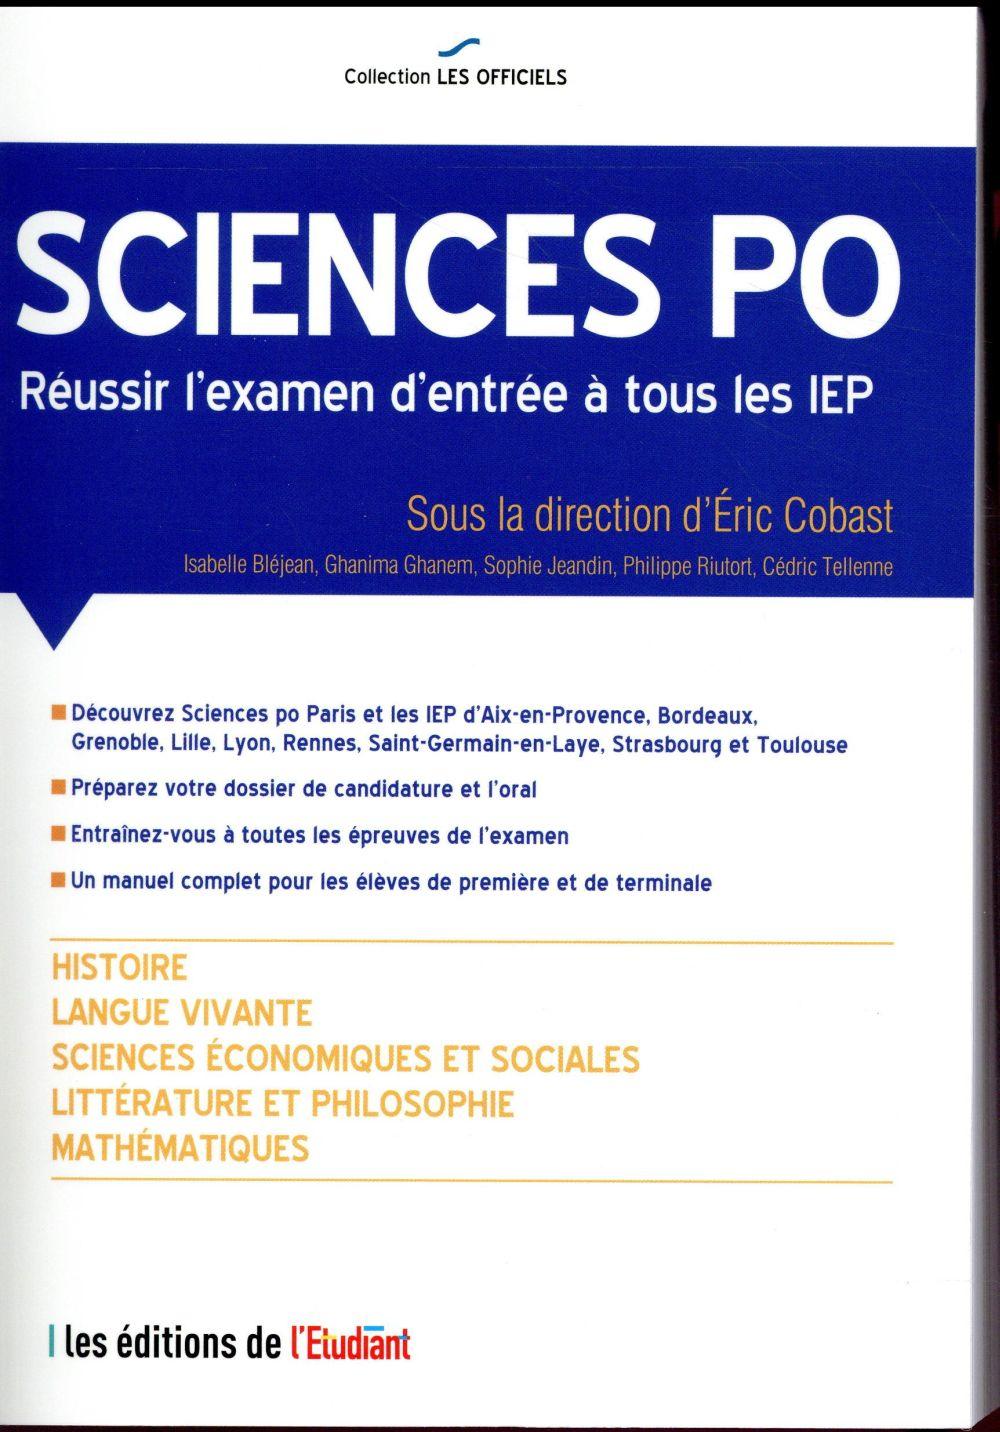 L'OFFICIEL SCIENCES PO   REUSSIR L'EXAMEN D'ENTREE A TOUS LES IEP